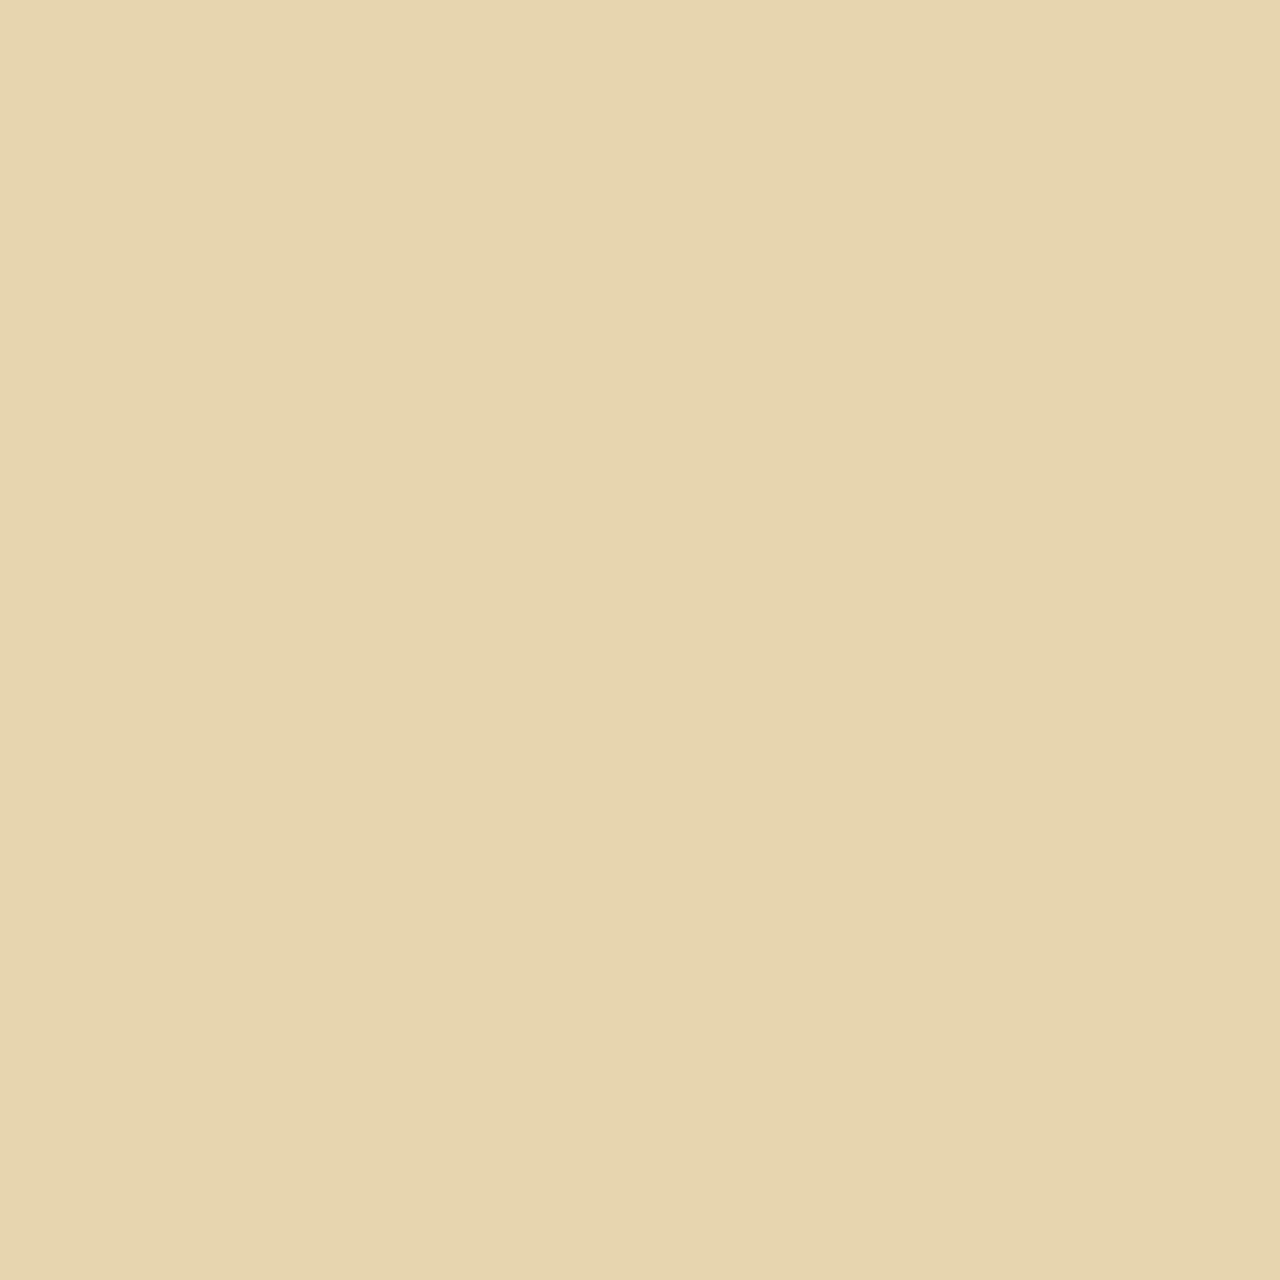 9055 Exclusiv